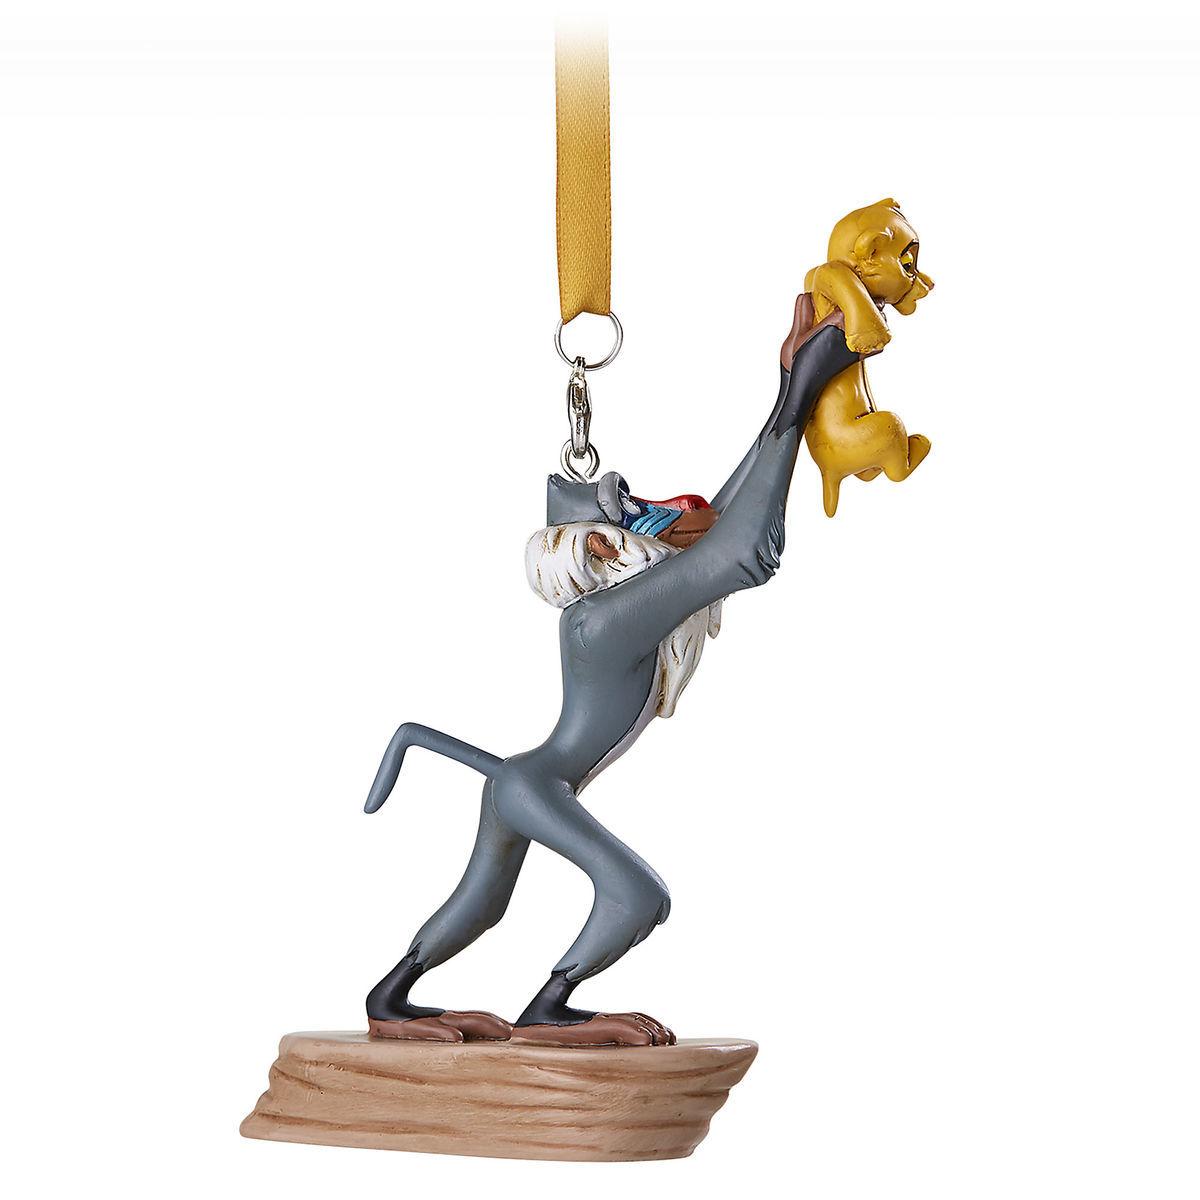 Disney Figure Christmas Ornament The Lion King Rafiki And Simba